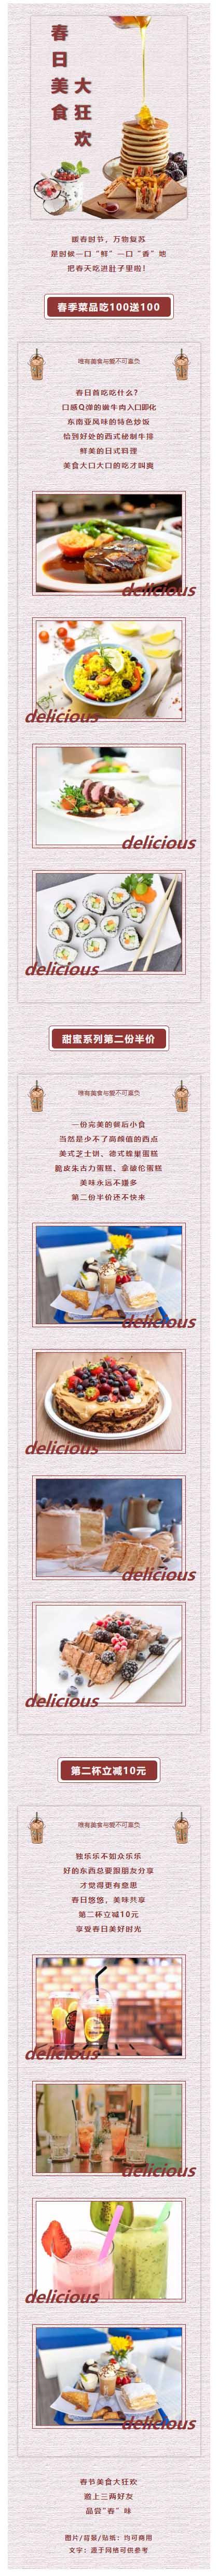 美食开业促销活动微信推文素材模板紫色蛋糕甜点